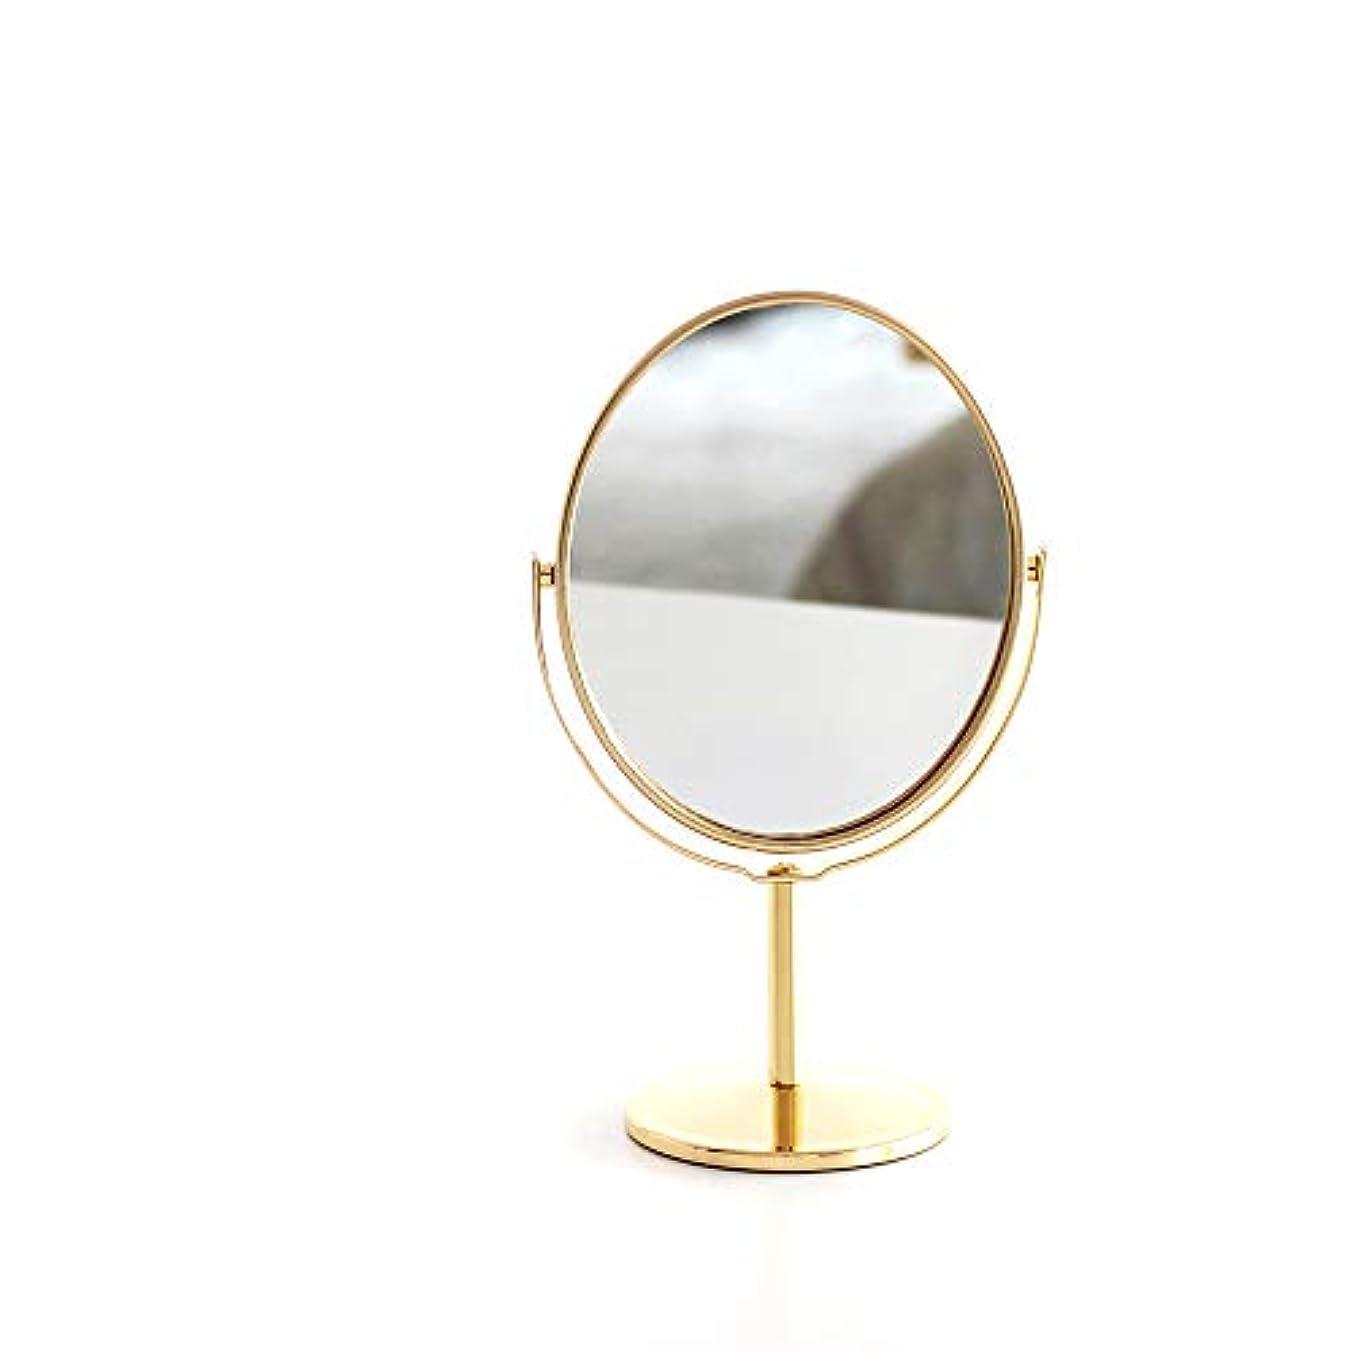 モート休眠パンメタル両面卓上鏡 スタンドミラー 化粧鏡 拡大鏡付き 楕円ミラー 360度回転 コンパクトサイズ 10X12cm (ゴールド)